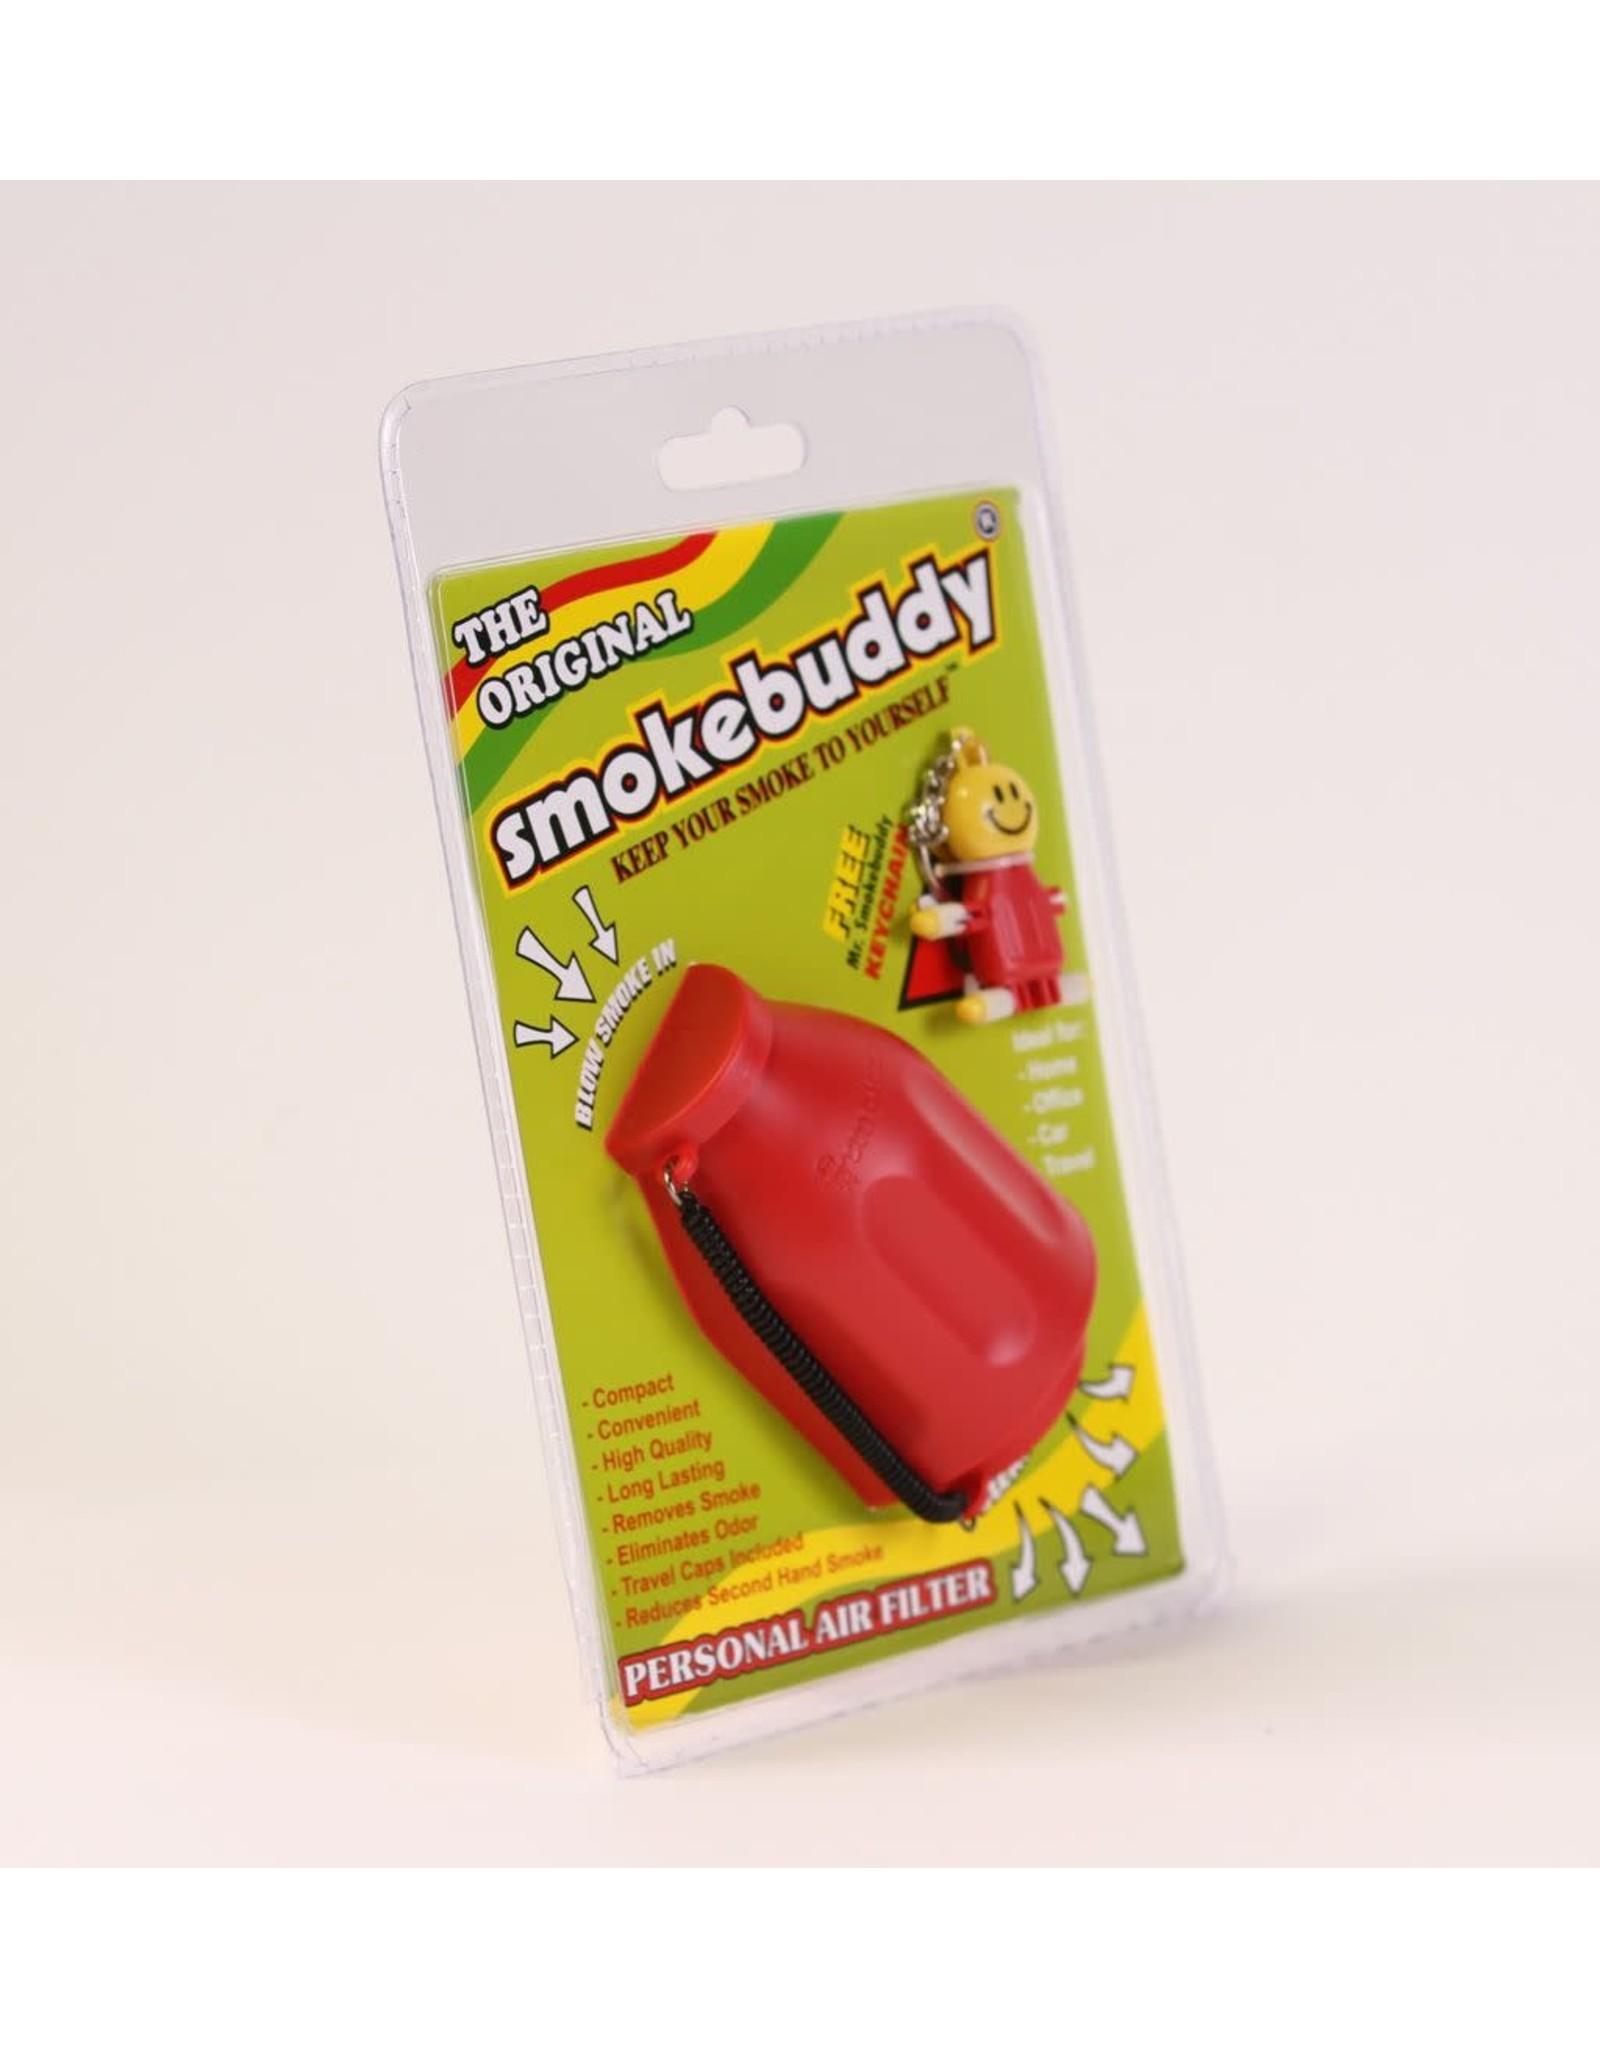 smoke buddy Red Smokebuddy Original Personal Air Filter